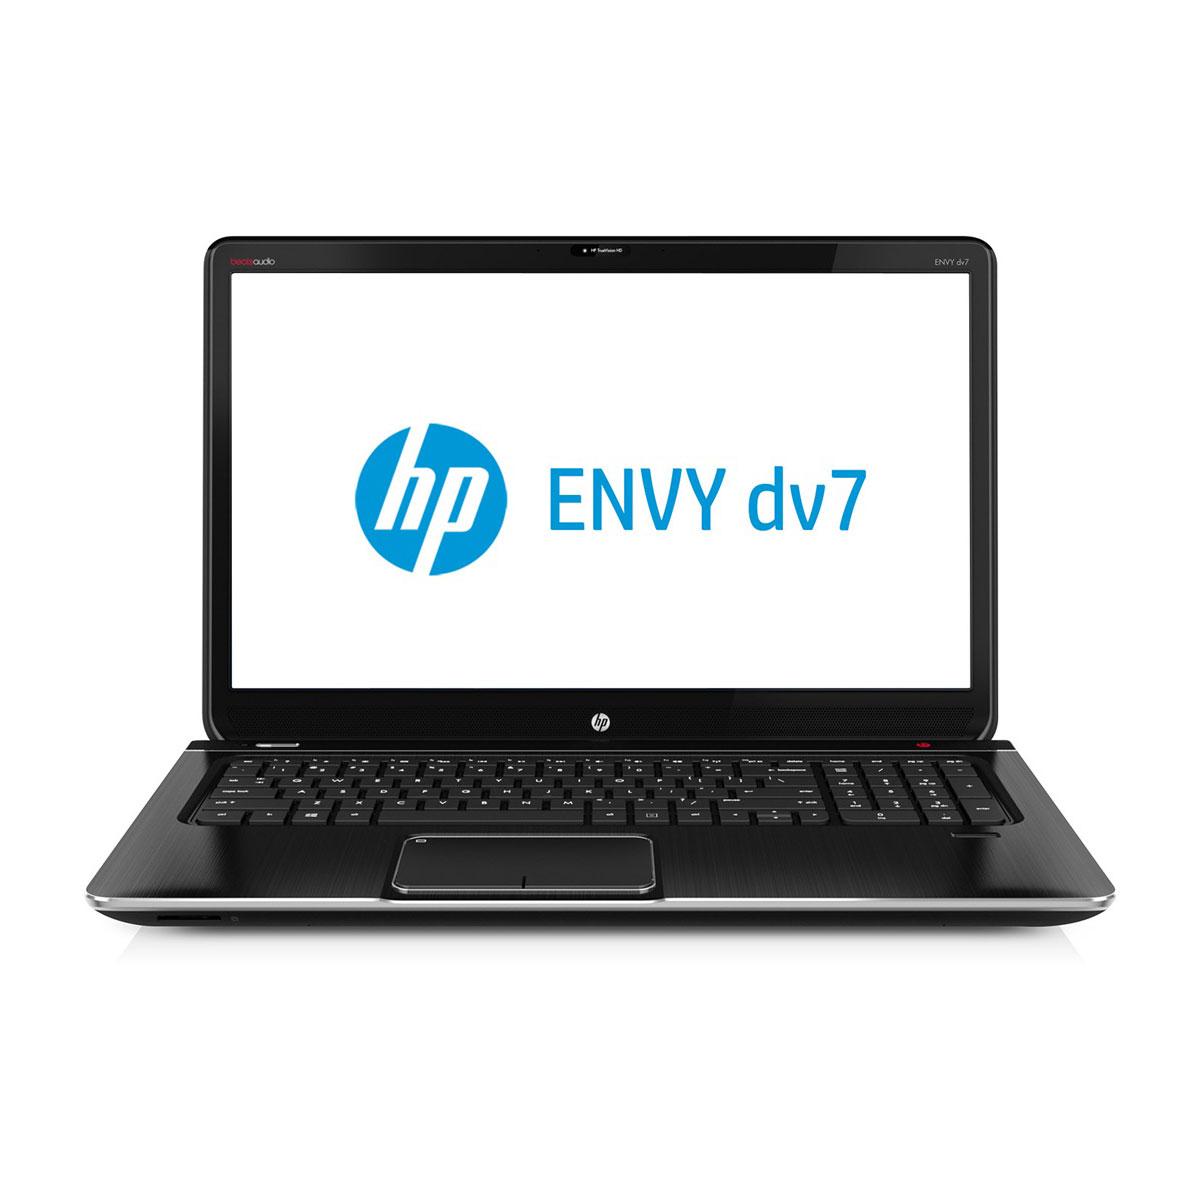 """<span class=""""tagtitre""""><del datetime=""""2013-06-27T06:29:53+00:00"""">Soldes 599€ (-100€) - </span>HP Envy dv7-7269sf, portable 17"""" avec Core i5, Geforce GT 630M et système audio Beats</del>"""